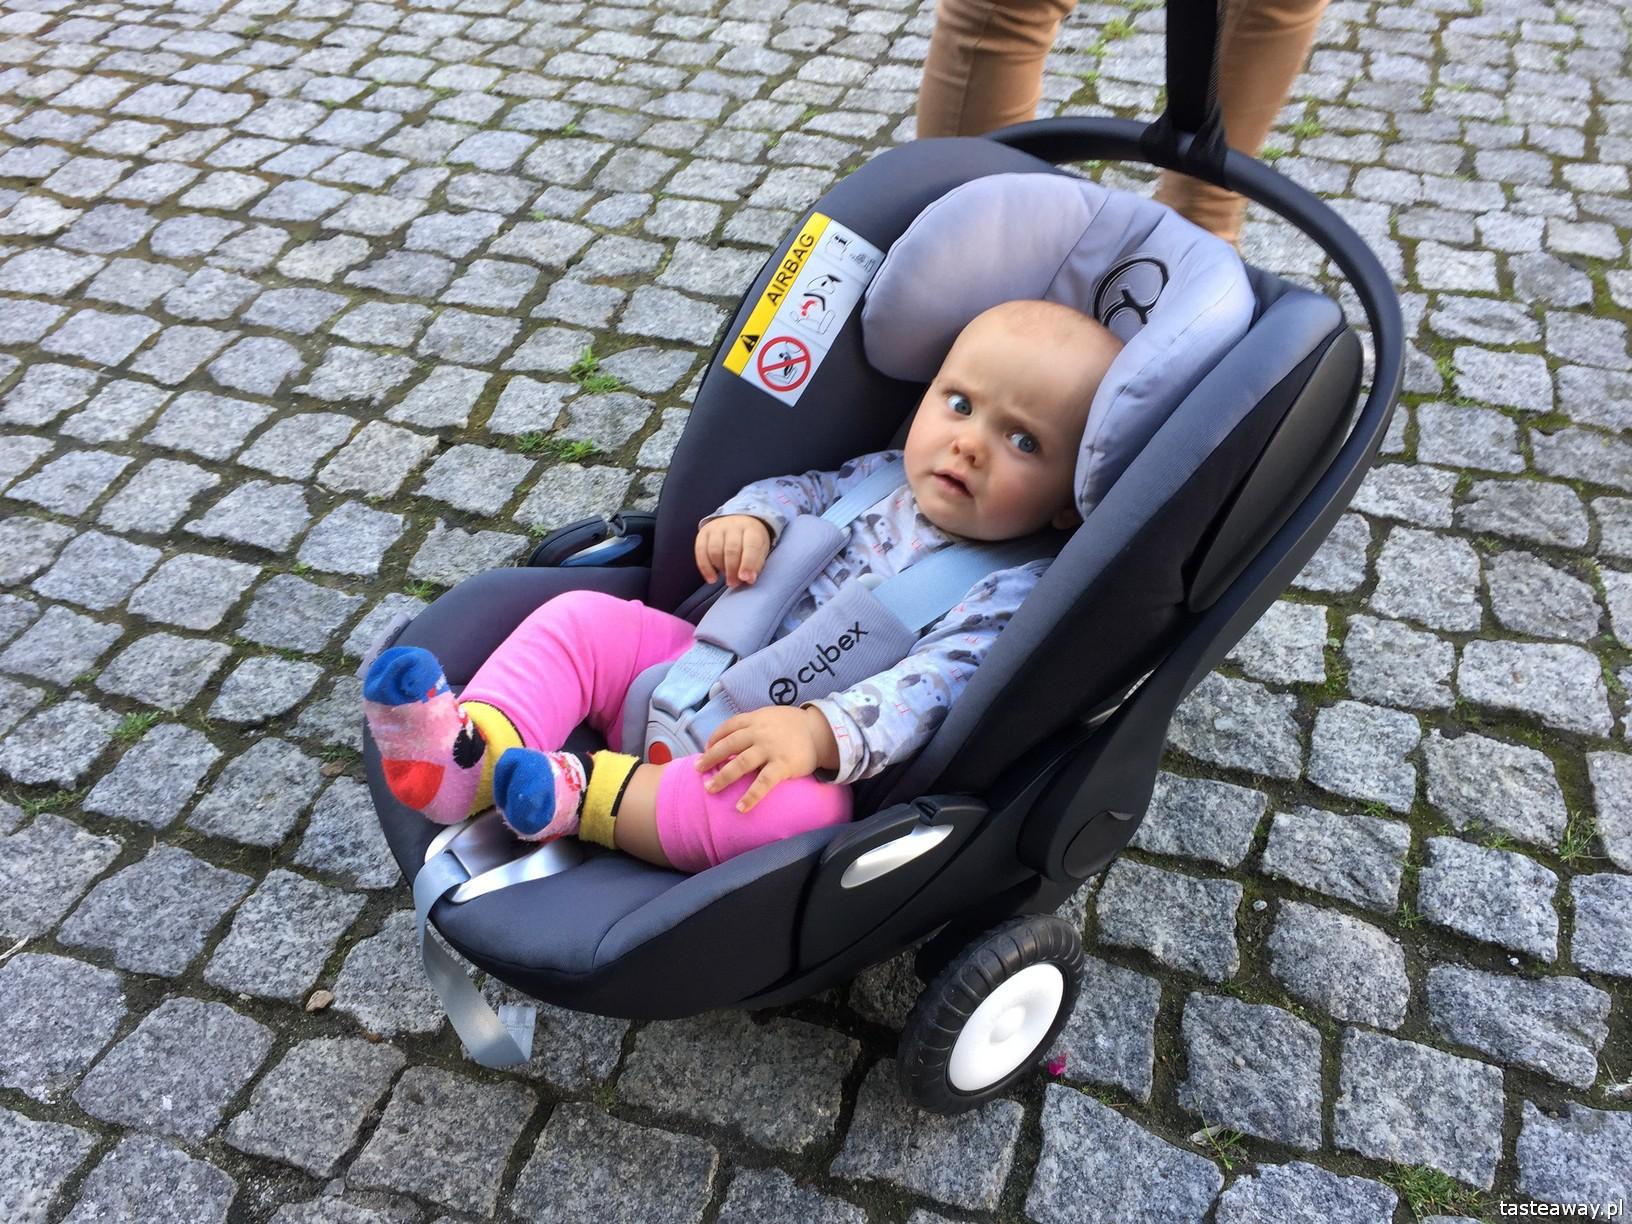 Rollersy, kółeczka do fotelika samochodowego, kółeczka do fotelika niemowlęcego, podróżowanie z niemowlakiem, niemowlę w podróży, aktywna mama